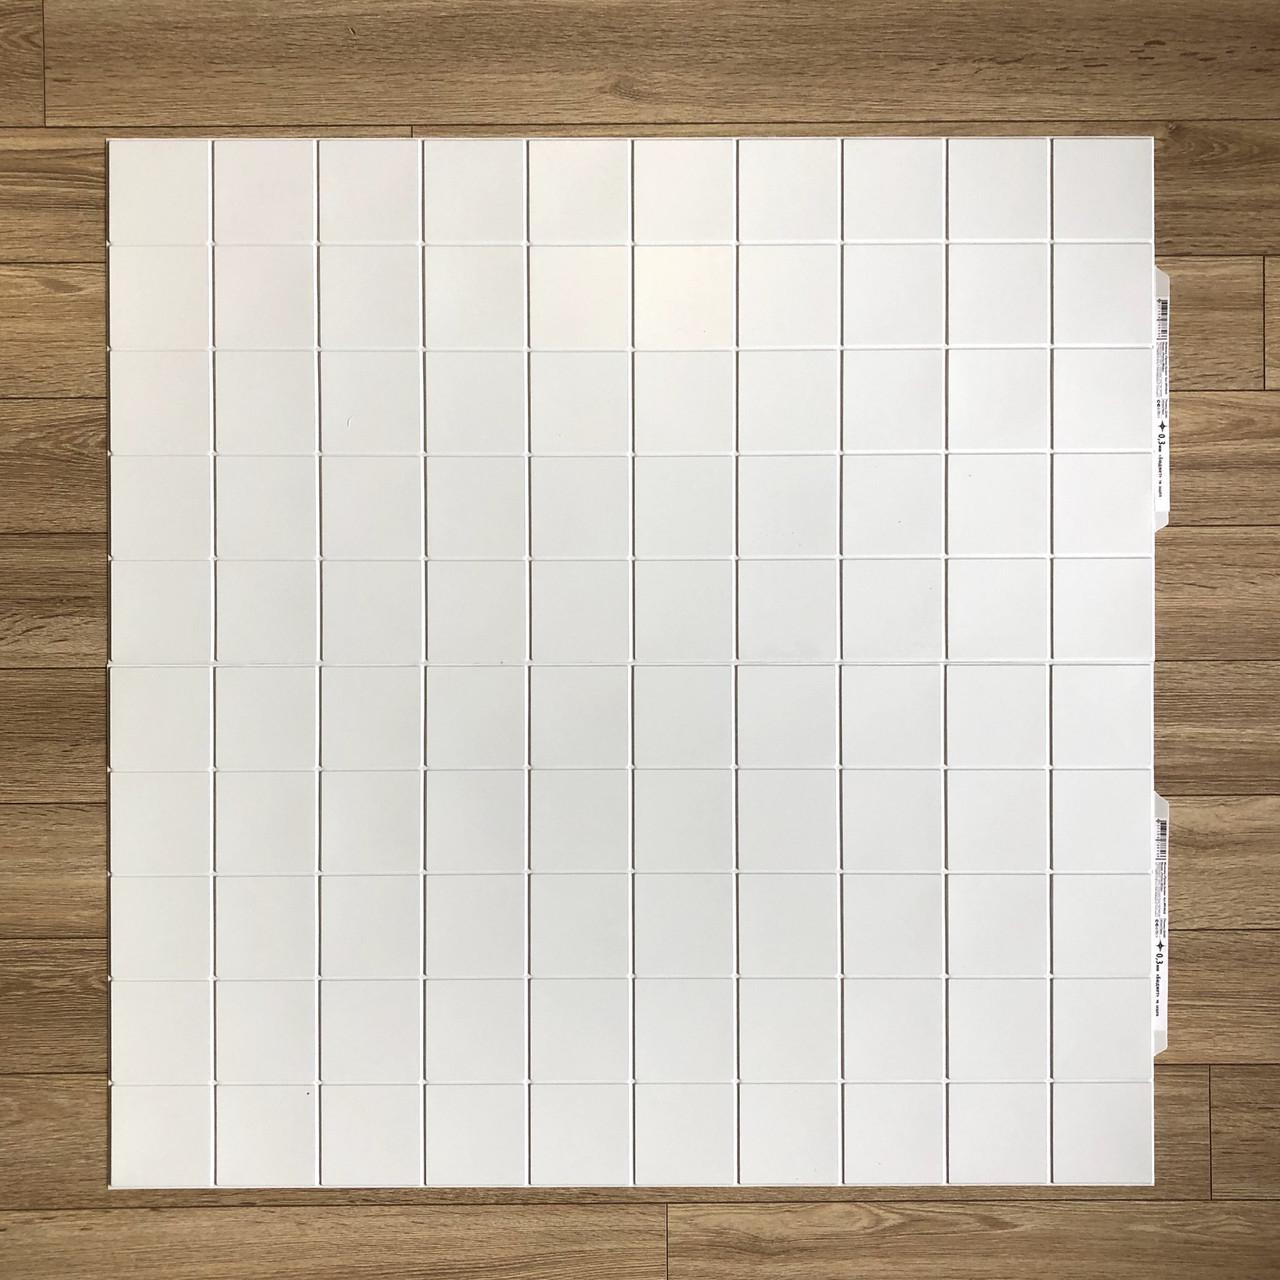 Пластиковая Декоративная Панель ПВХ Регул Промо Белая 957×480 мм